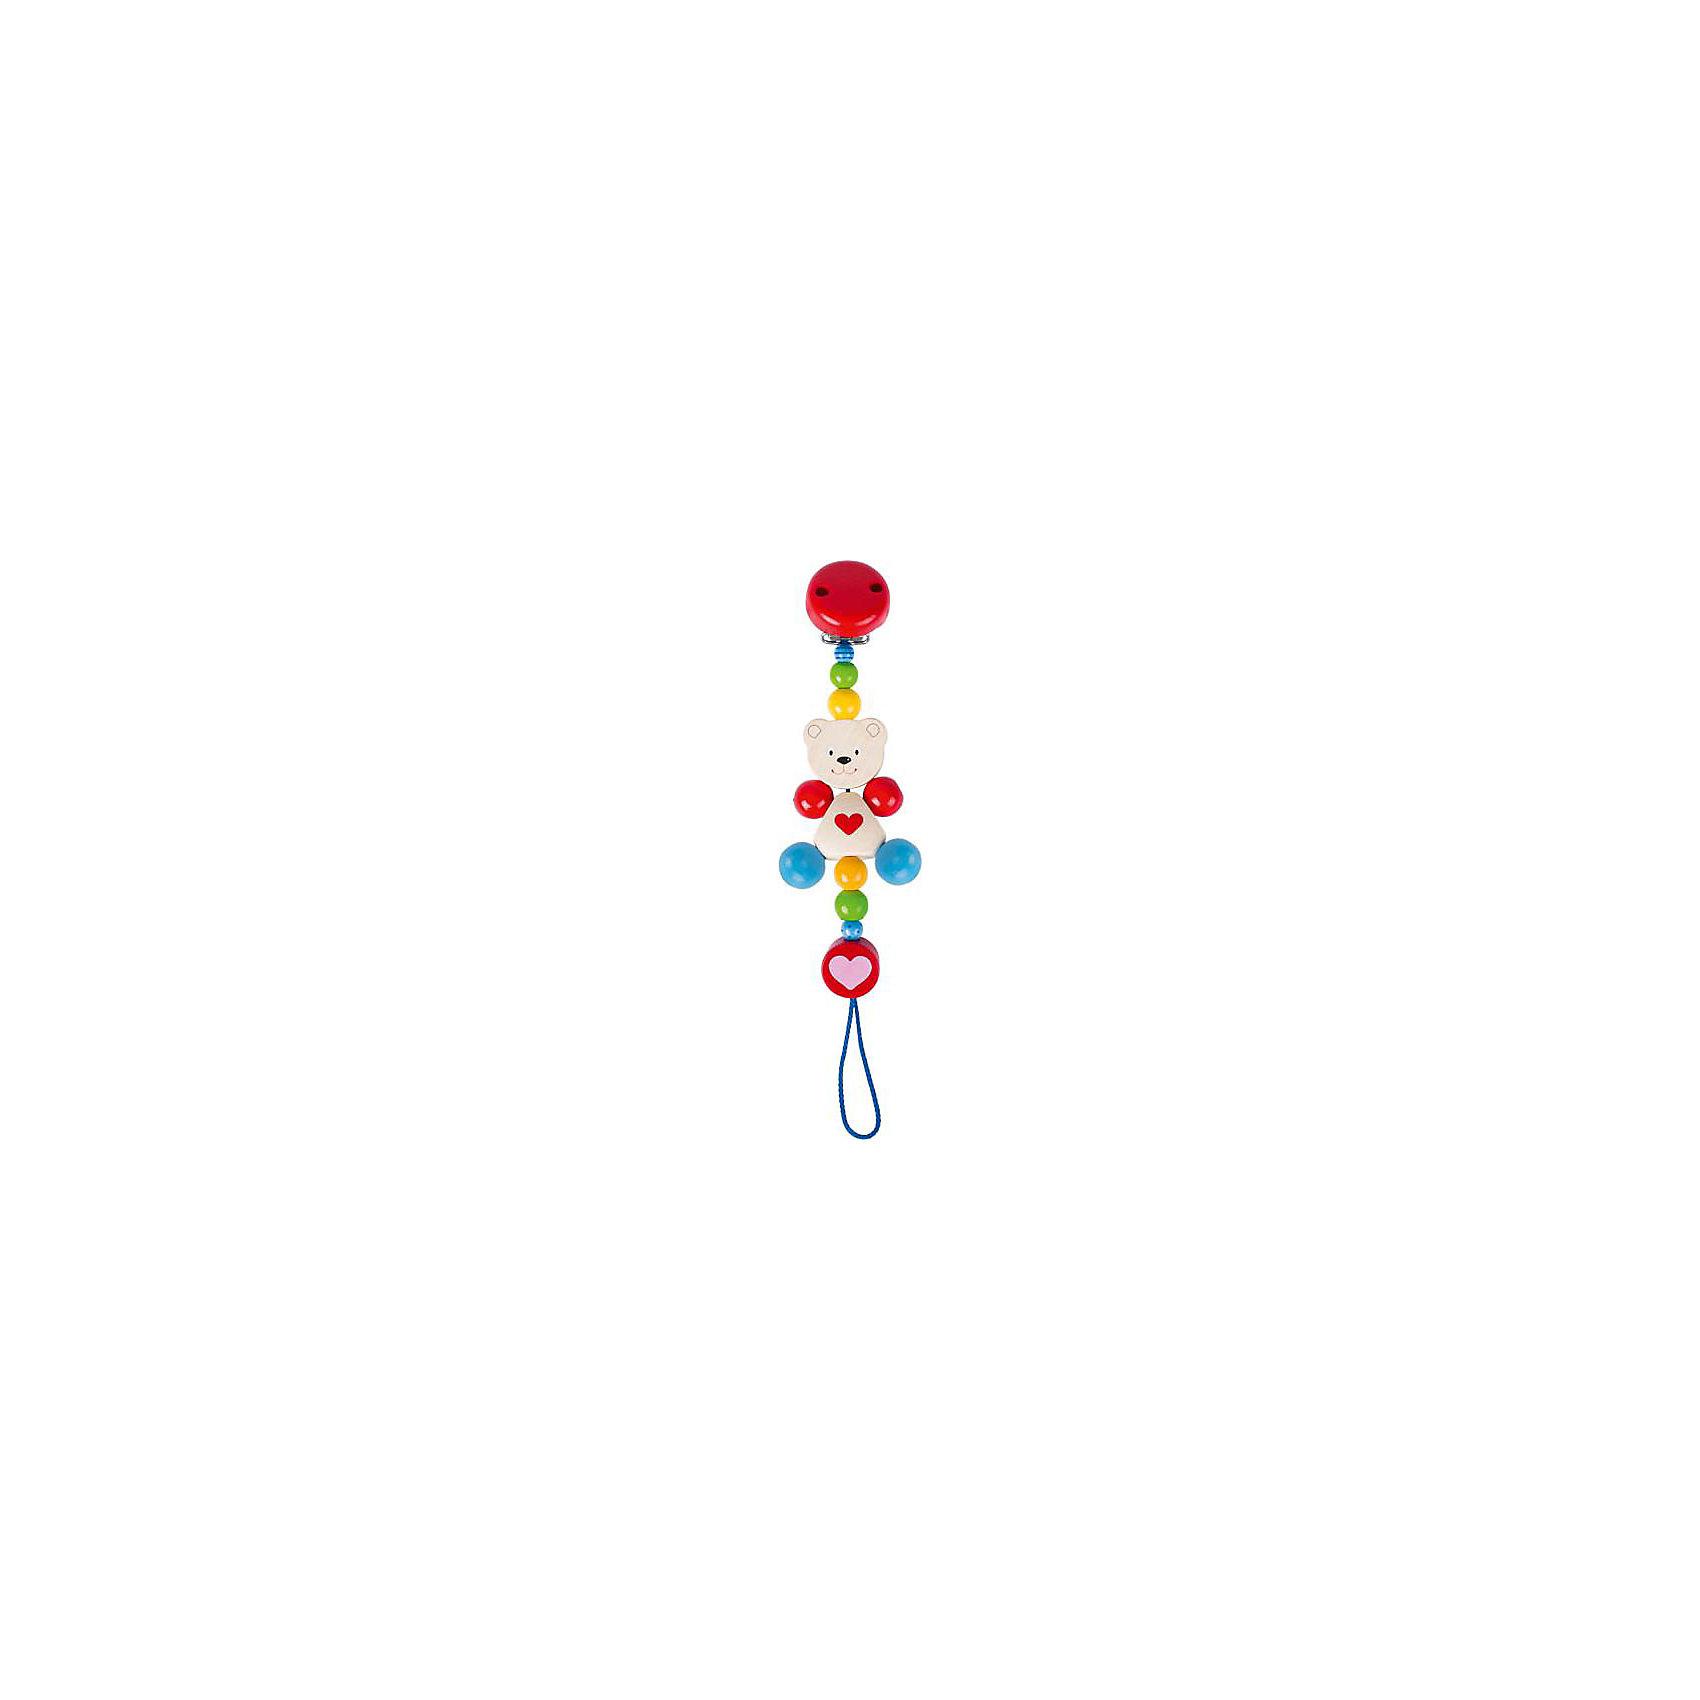 Держательс клипсойМедвежонок с сердцем, HEIMESSДержатель с клипсой Медвежонок с сердцем, HEIMESS (ХАЙМЕСС) – держатель для соски, который можно использовать как развивающую игрушку.<br>Деревянный держатель с клипсой Медвежонок с сердцем от немецкого бренда Heimess (Хаймесс) не позволит пустышке случайно упасть. Его можно использовать с рождения. Яркий красивый держатель для соски состоит из разноцветных деревянных элементов в виде шариков, и фигурки медвежонка. Держатель сделан из легкого дерева, прищепка - из металла. Металлическая прищепка закрыта деревянным кружочком, поэтому малыш не сможет пораниться об нее. Длина держателя рассчитана таким образом, чтобы он не стеснял движений малыша и не смог обвить шею ребенка. Пустышка крепится с помощью петельки. Можно использовать два вида сосок: имеющие колечки крепятся стандартно «петля в петлю», а соска без кольца затягивается в петлю с помощью деревянного язычка с надписью Heimess. Подросшему малышу держатель будет интересен как развивающая игрушка. Он с интересом будет перебирать элементы держателя, рассматривать их форму и цвет. Все детали очень гладкие и абсолютно безопасны для малыша. Держатель изготовлен из качественной древесины и покрыт стойкими безопасными красками на водной основе. Важной особенностью является поверхностная пропитка элементов держателя, что исключает возможность сколов и отслоений краски. HEIMESS (ХАЙМЕСС) - крупный немецкий производитель детских игрушек из дерева. Это игрушки с историей и традициями настоящего немецкого производства. Качество и безопасность этих игрушек доказаны, более чем 50 летним опытом. Вся продукция под брендом HEIMESS (ХАЙМЕСС) производится непосредственно в Германии.<br><br>Дополнительная информация:<br><br>- Материал: древесина, стойкие краски на водной основе<br>- Длина: 21 см.<br>- Вес: 23 гр.<br><br>Держатель с клипсой Медвежонок с сердцем, HEIMESS (ХАЙМЕСС) можно купить в нашем интернет-магазине.<br><br>Ширина мм: 210<br>Глубина мм: 50<br>Высота мм: 210<br>Вес г: